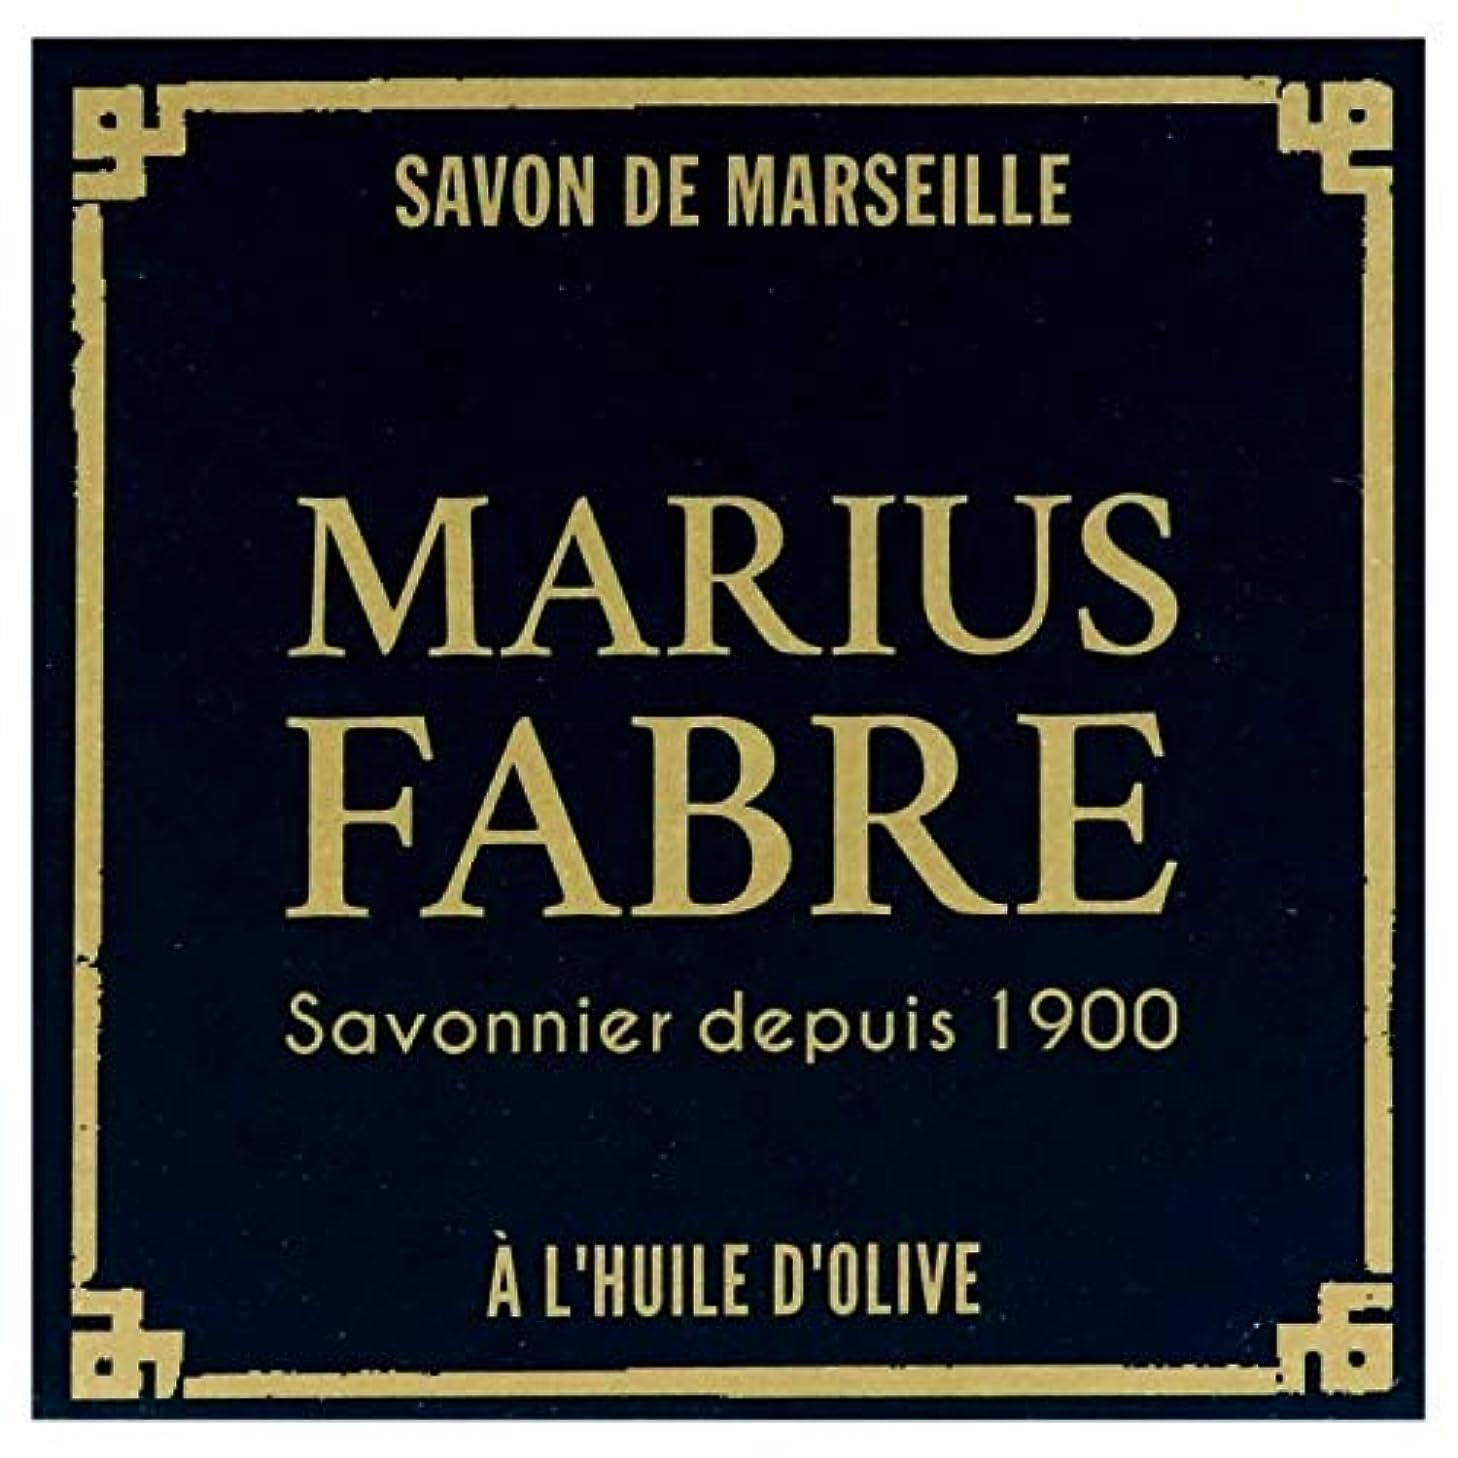 品詳細なフルートサボンドマルセイユ ネイチャー オリーブ (400g)